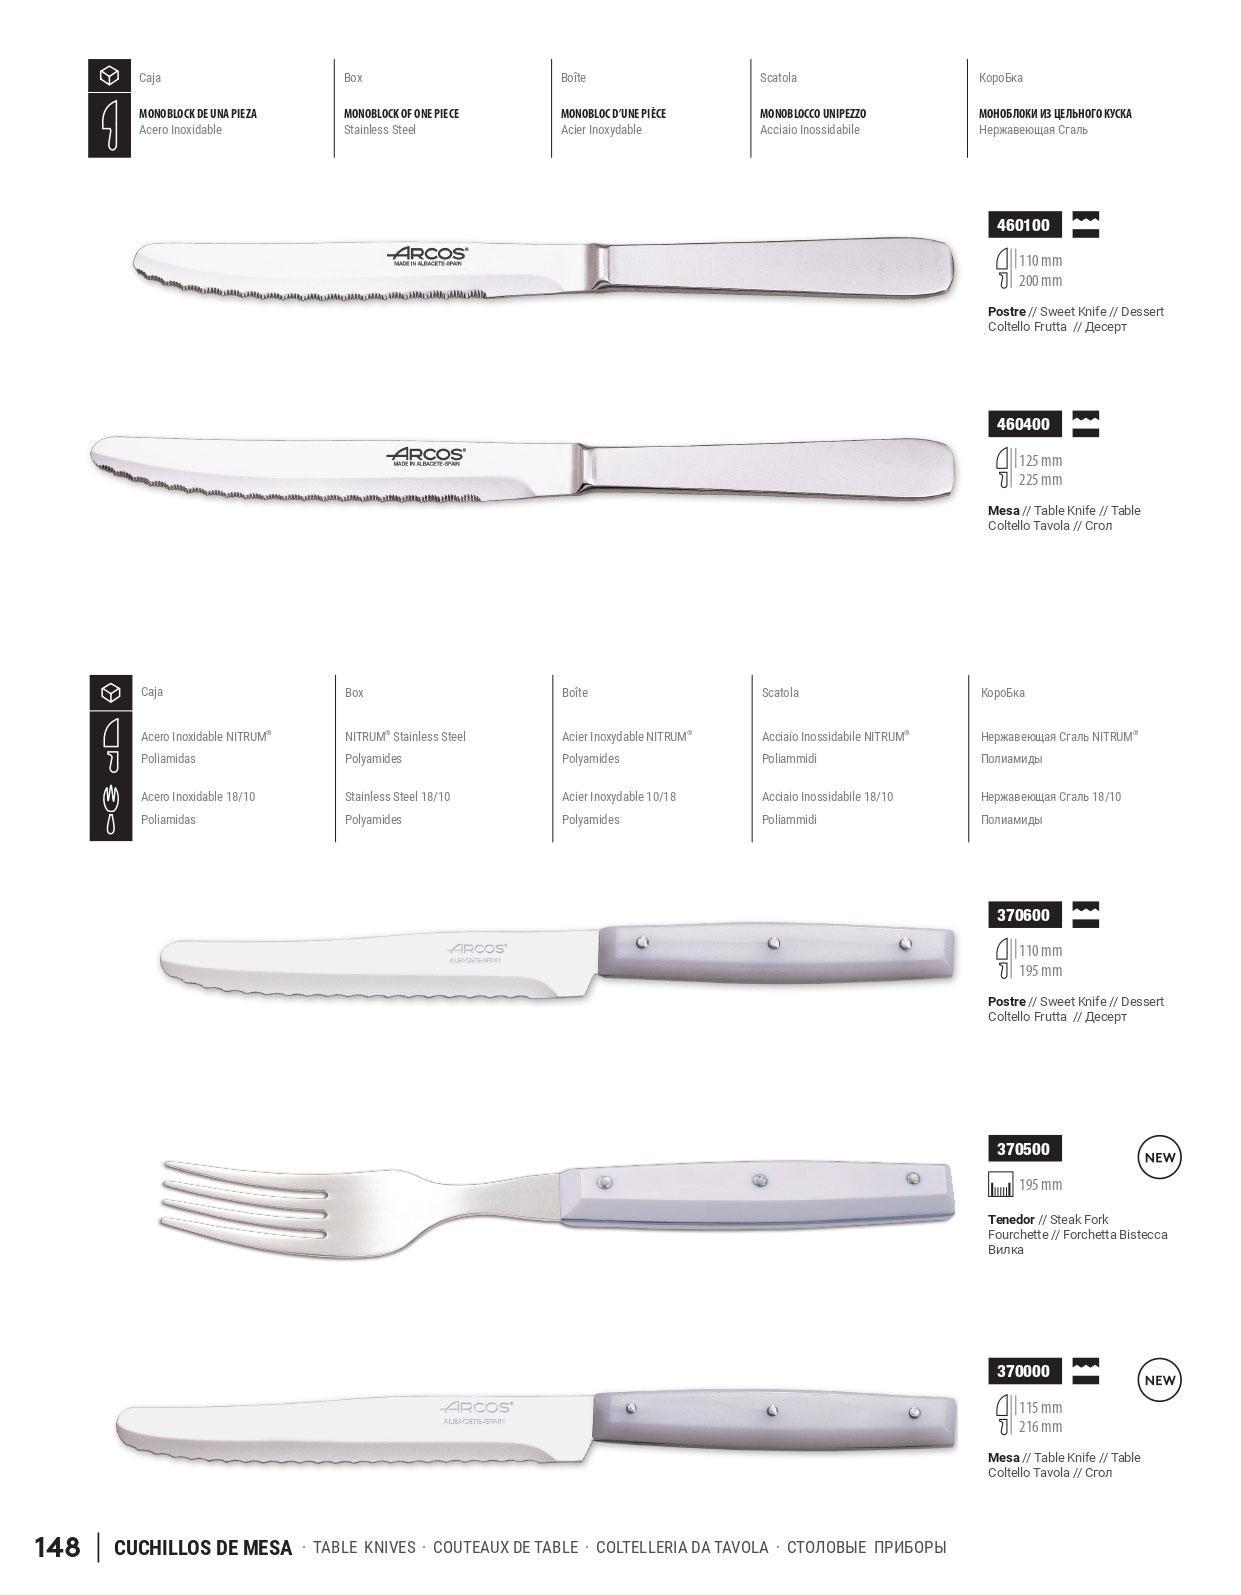 805109 cuchillos de mesa arcos menaje cocina cubiertos for Marcas de menaje de cocina